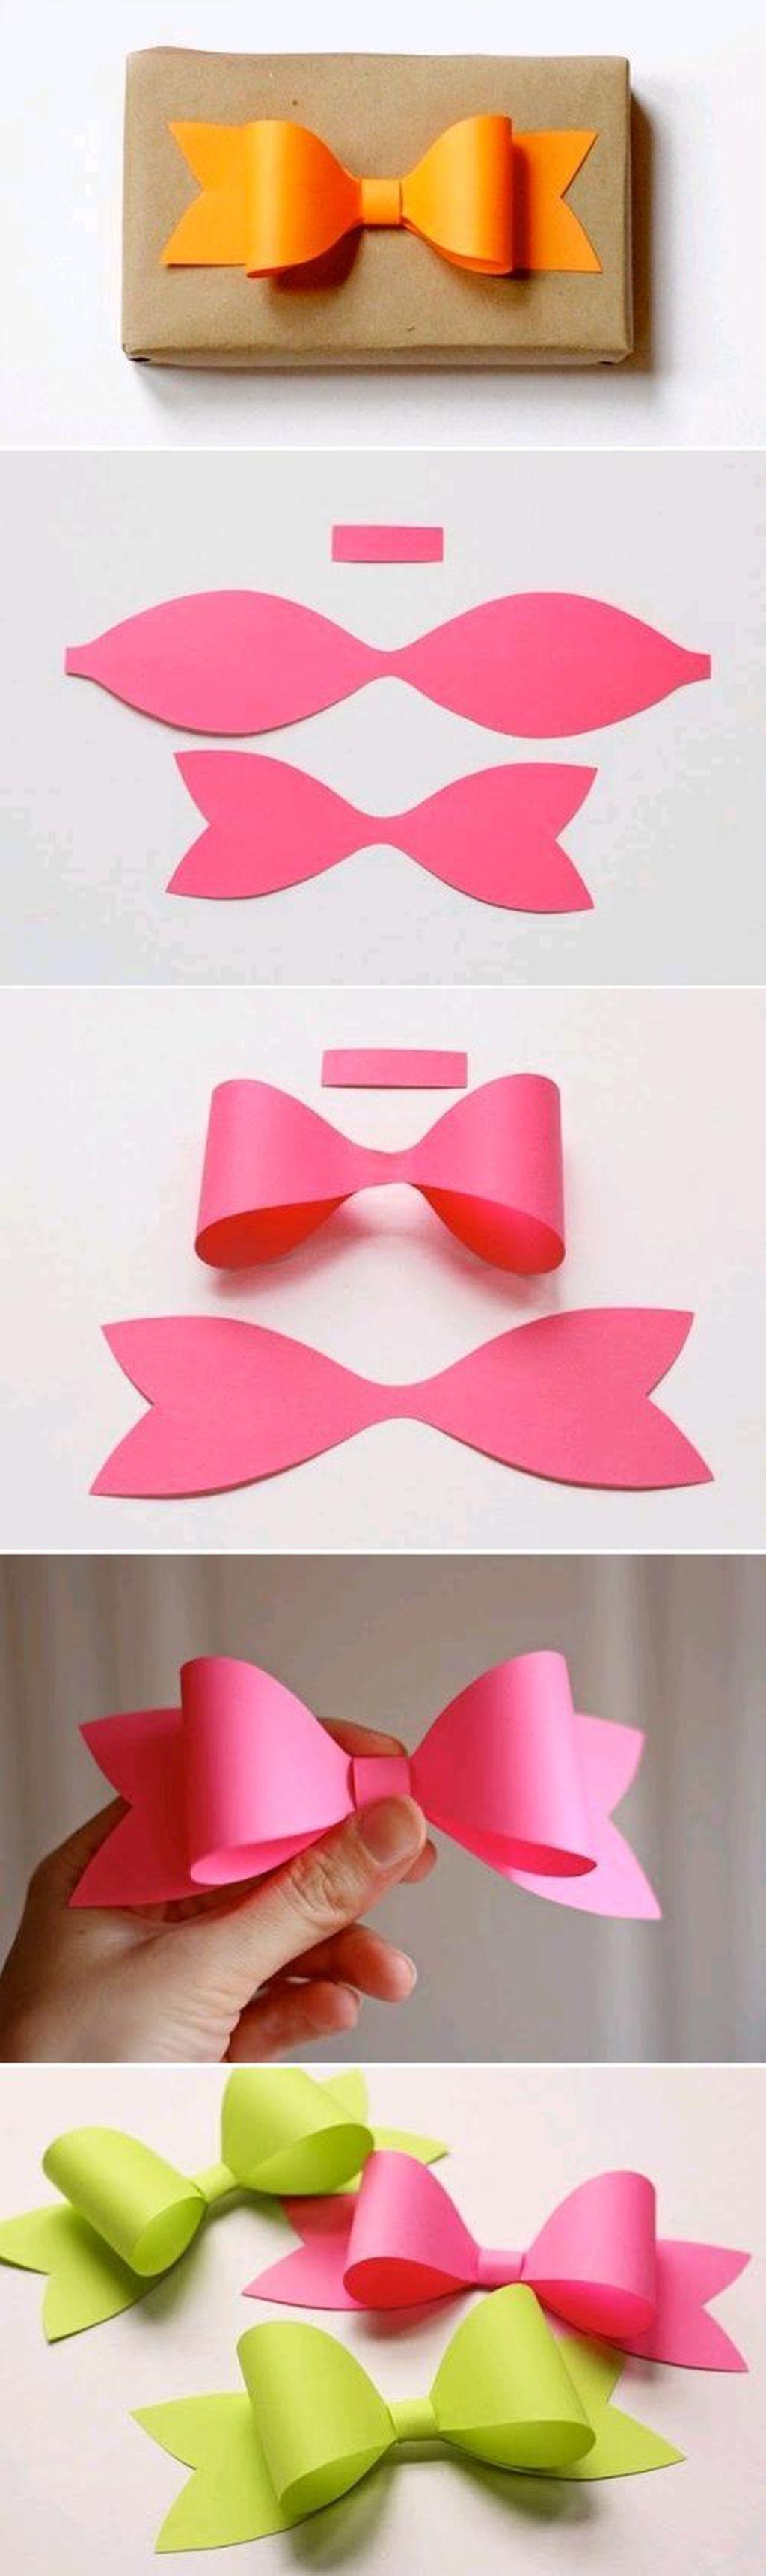 diy / Papierschleife für Geschenke basteln   Kochen, Backen ...